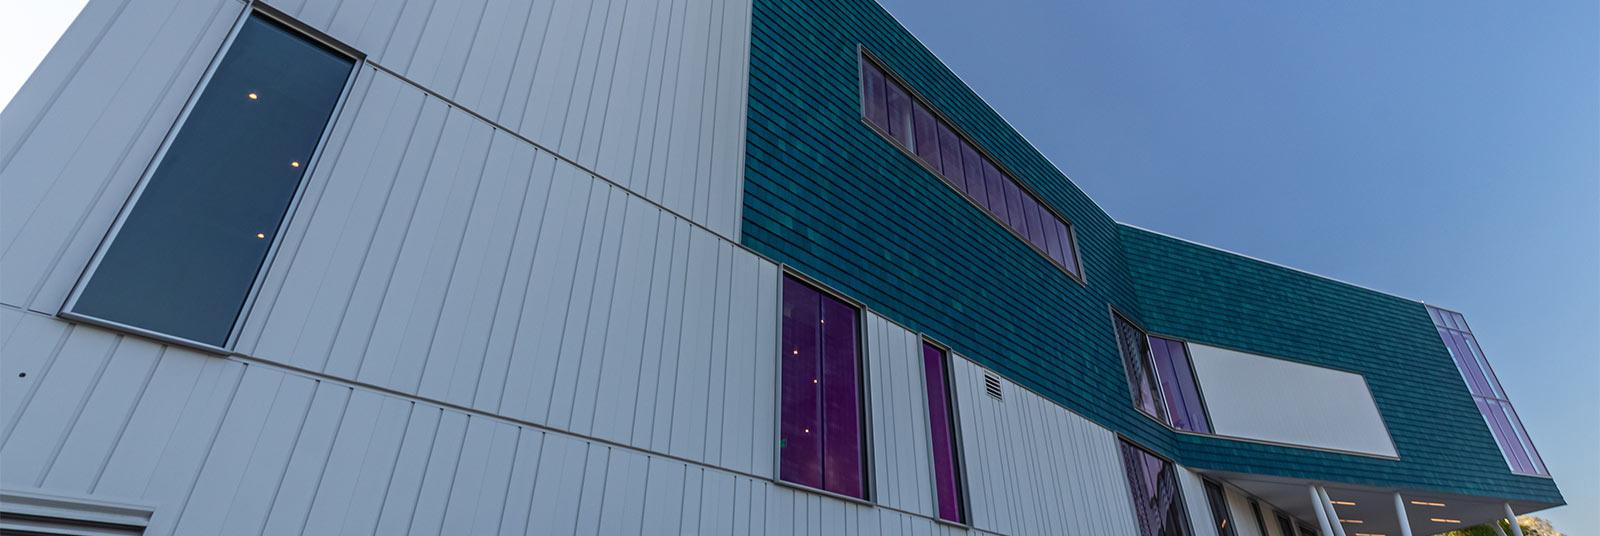 The back facade of the new Cincinnati Ballet facility.